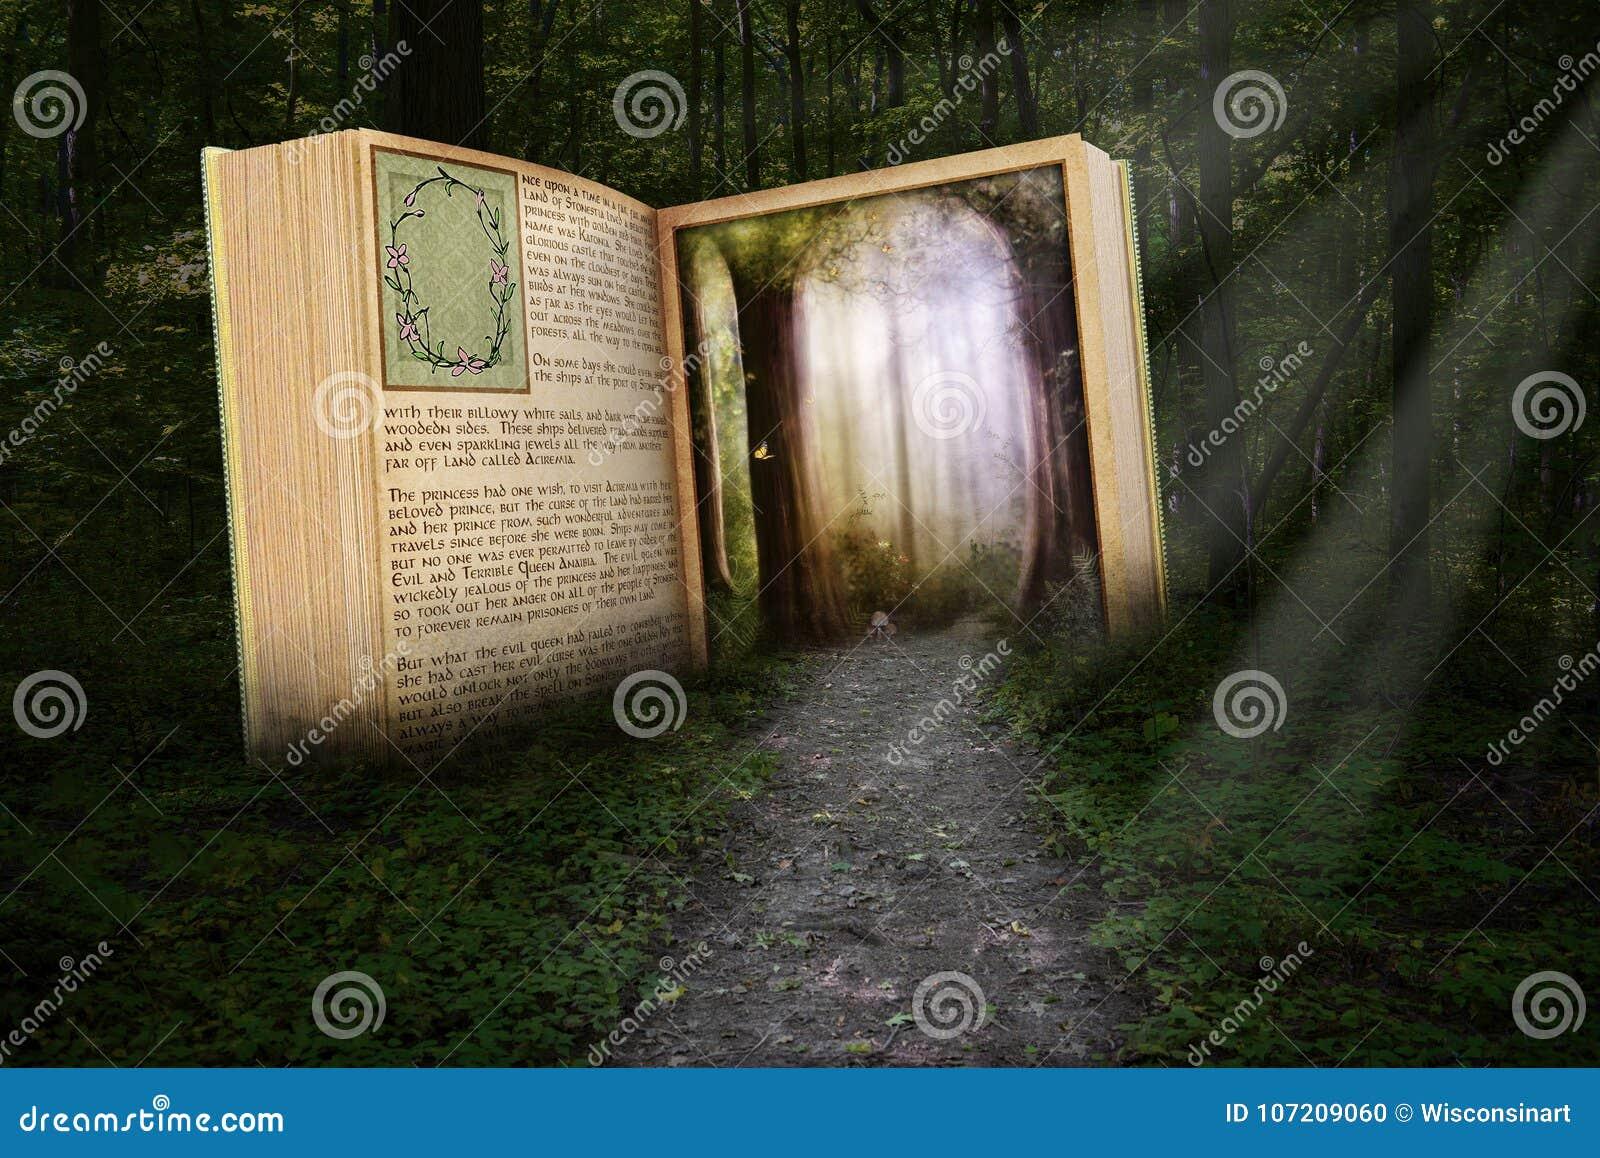 Сюрреалистическая книга чтения, прочитала рассказ